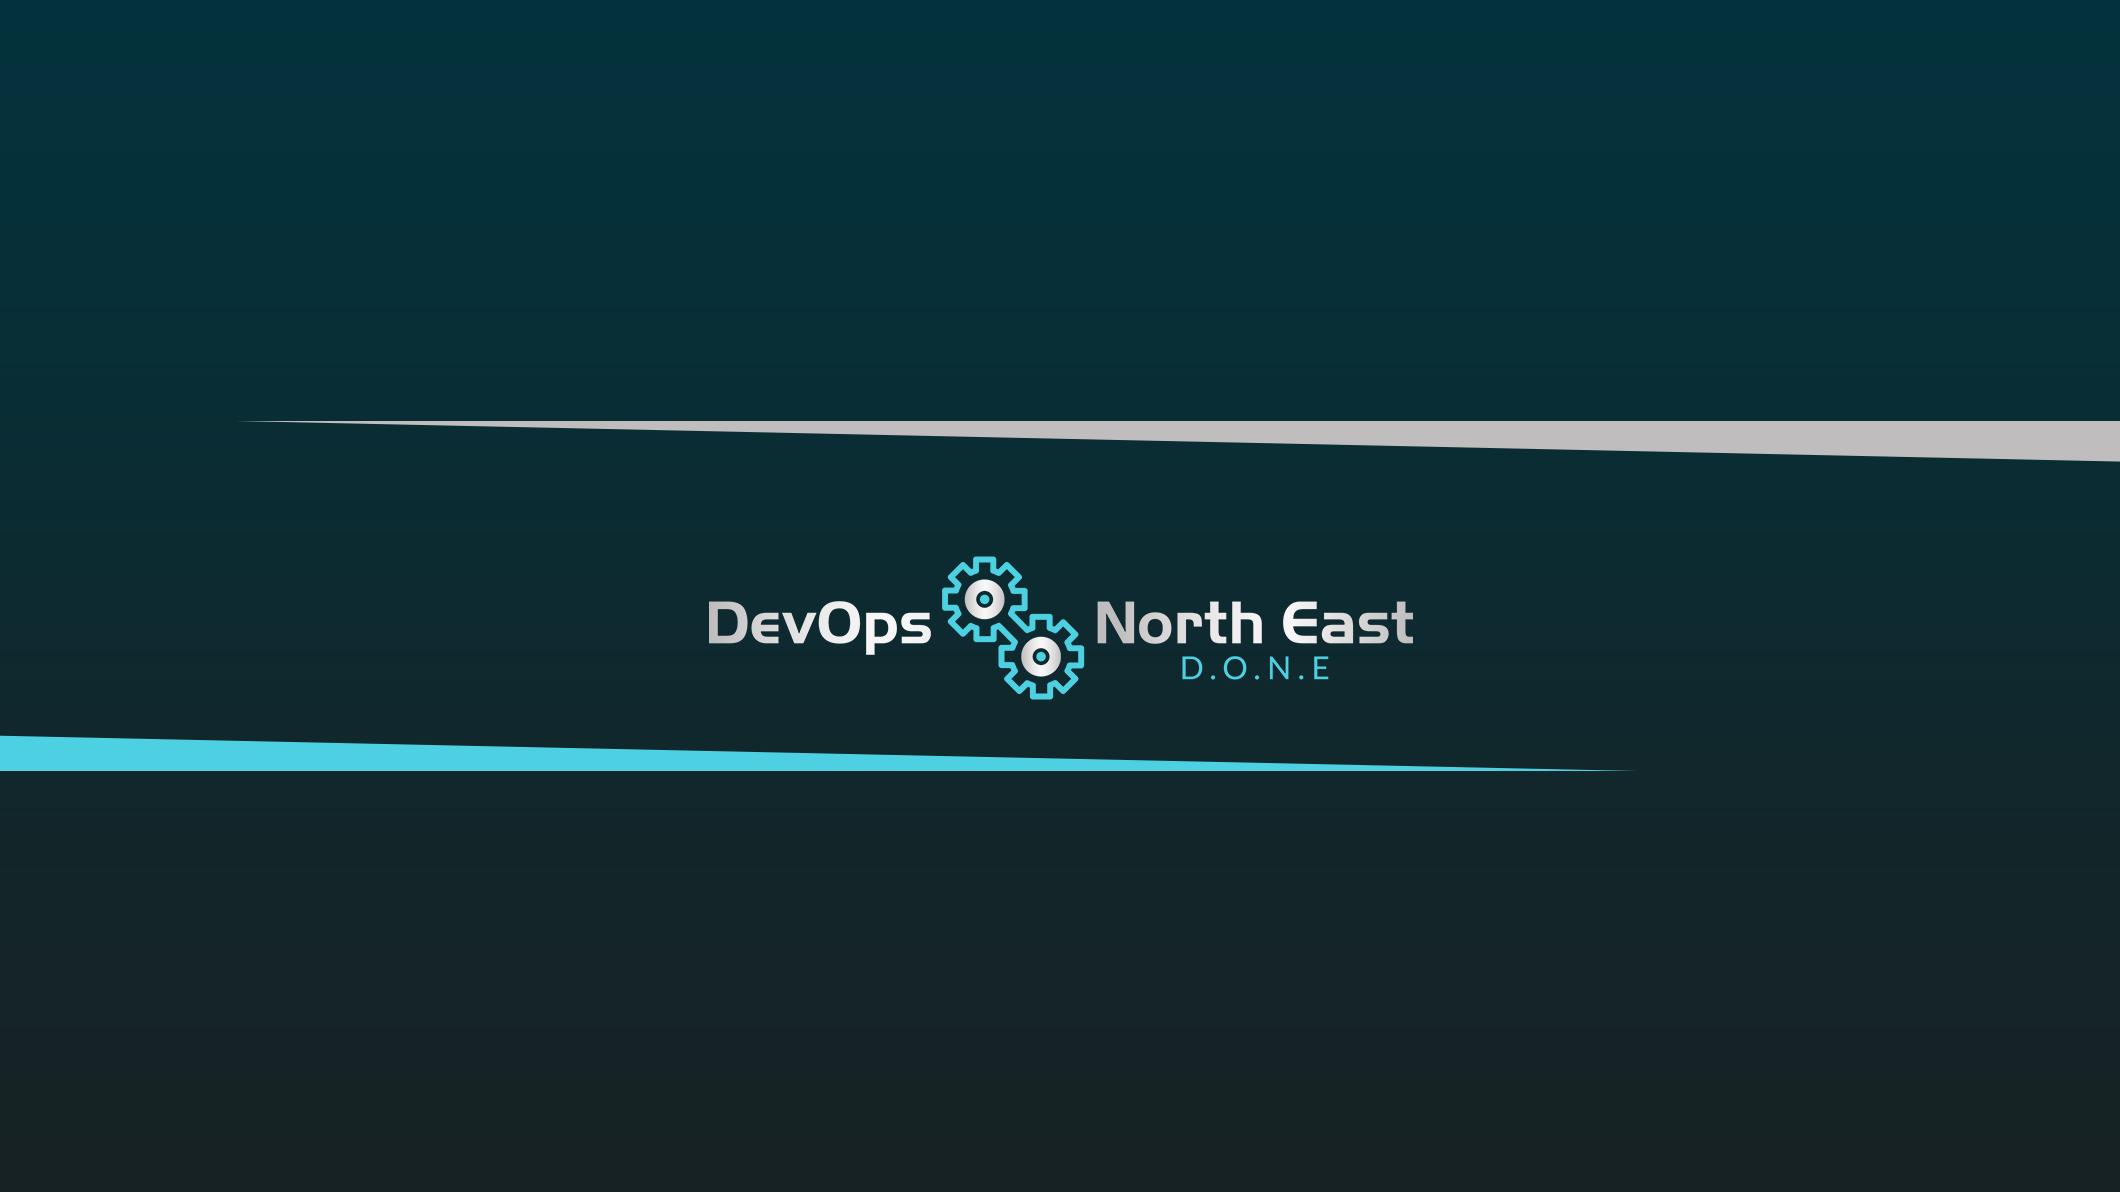 DevOps North East (D.O.N.E.)